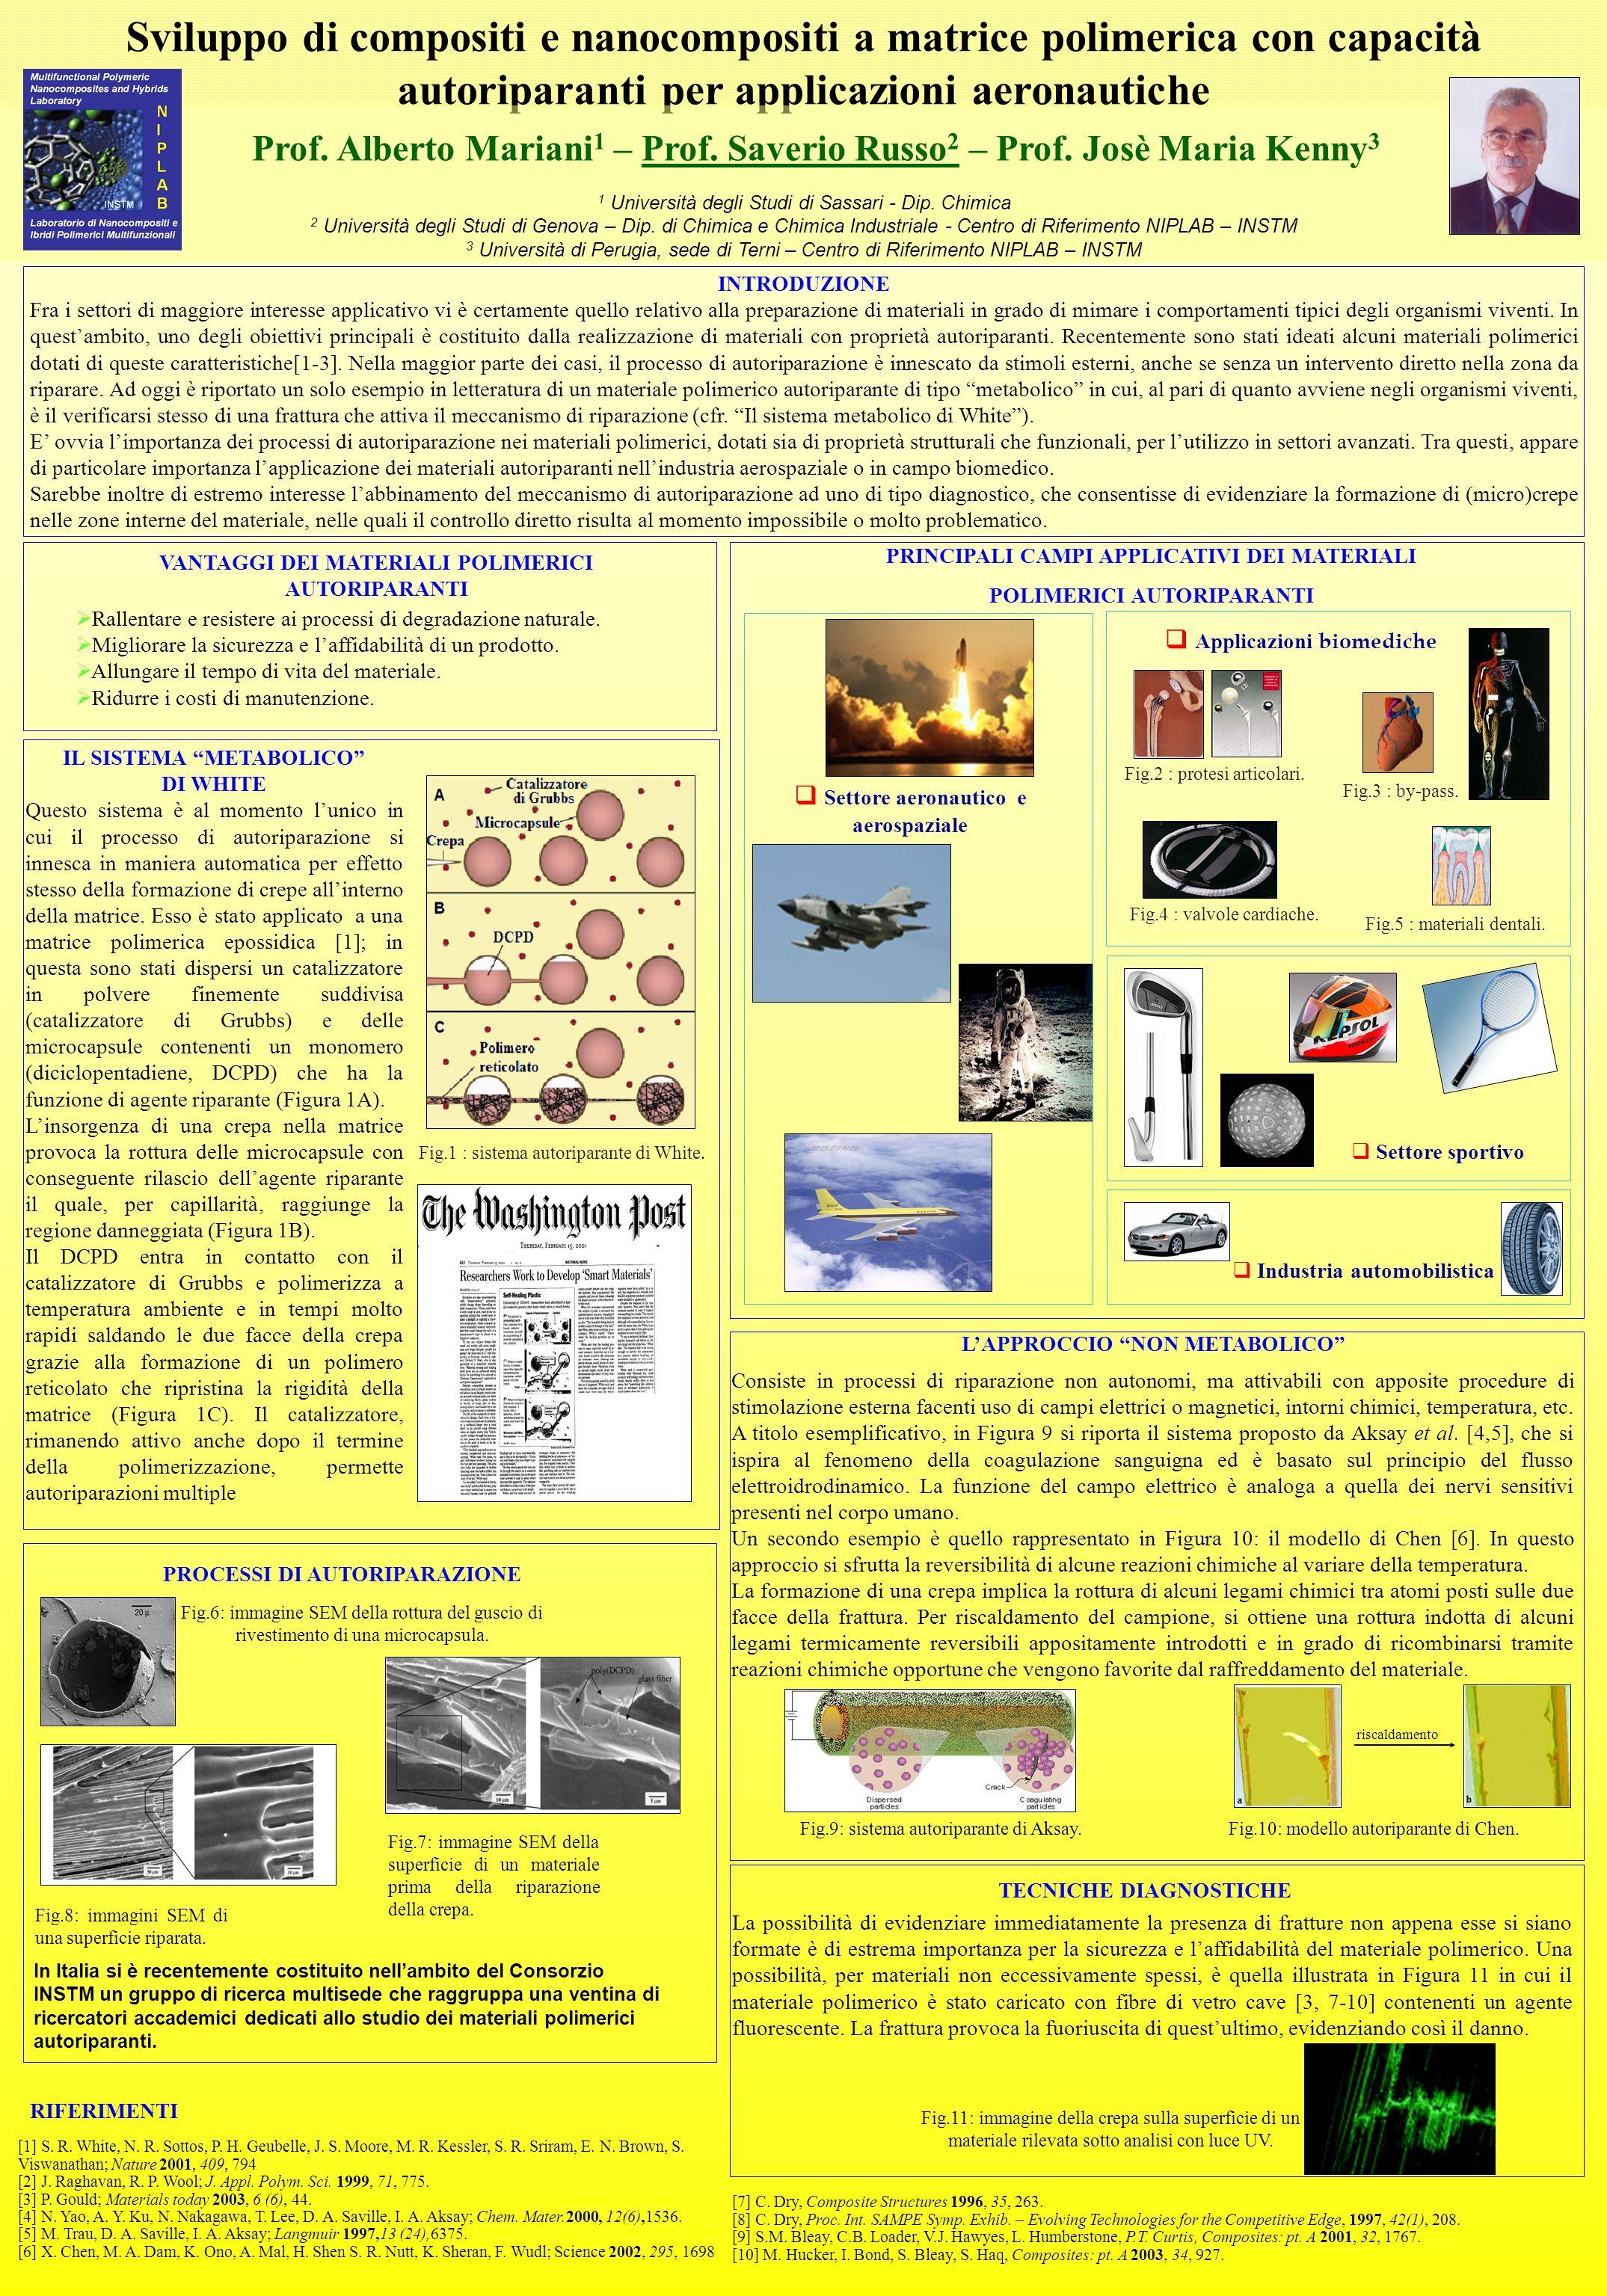 Sviluppo di compositi e nanocompositi a matrice polimerica con capacità autoriparanti per applicazioni aeronautiche